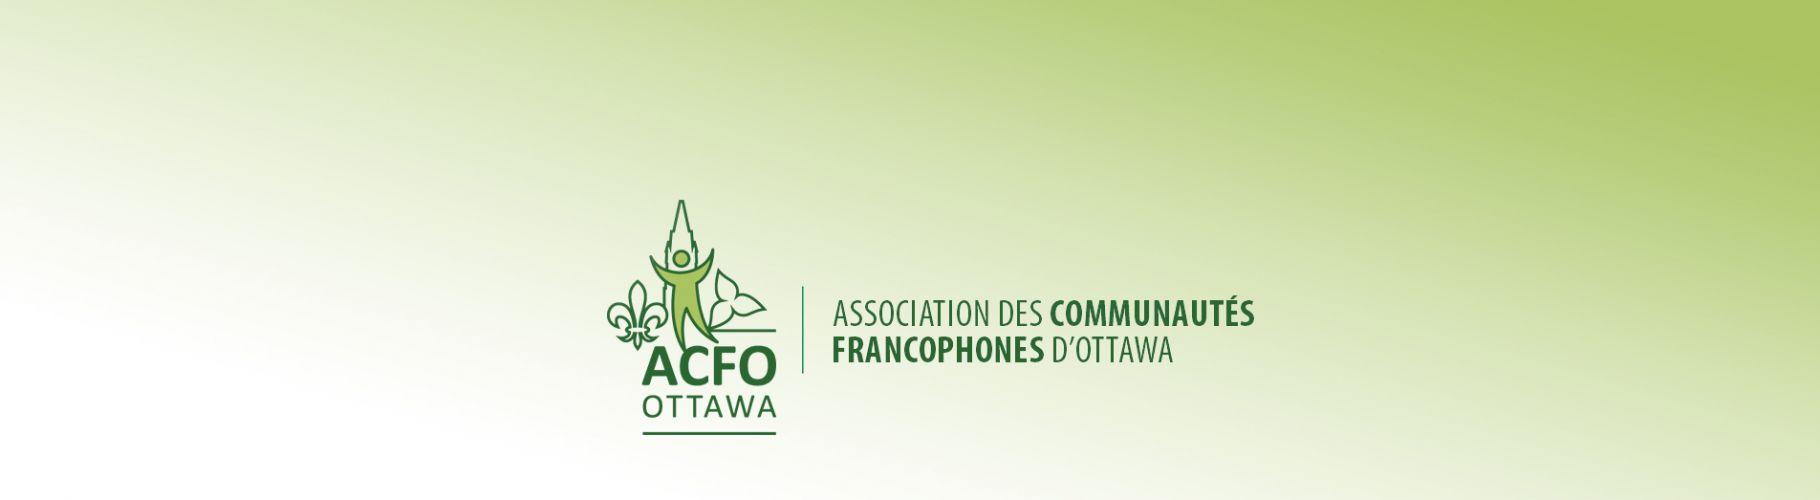 Illustration en vert qui regroupe en son centre la tour de la Paix du Parlement canadien, à sa gauche la fleur de lys et à sa droite le trillium ; devant la tour se trouve un bonhomme bicolore (vert et vert pale). L'acronyme ACFO Ottawa est inscrit en vert en dessous du logo, dont il est séparé par une ligne horizontale verte; à sa droite et séparé par une ligne verticale se trouve le nom au complet de l'organisme.